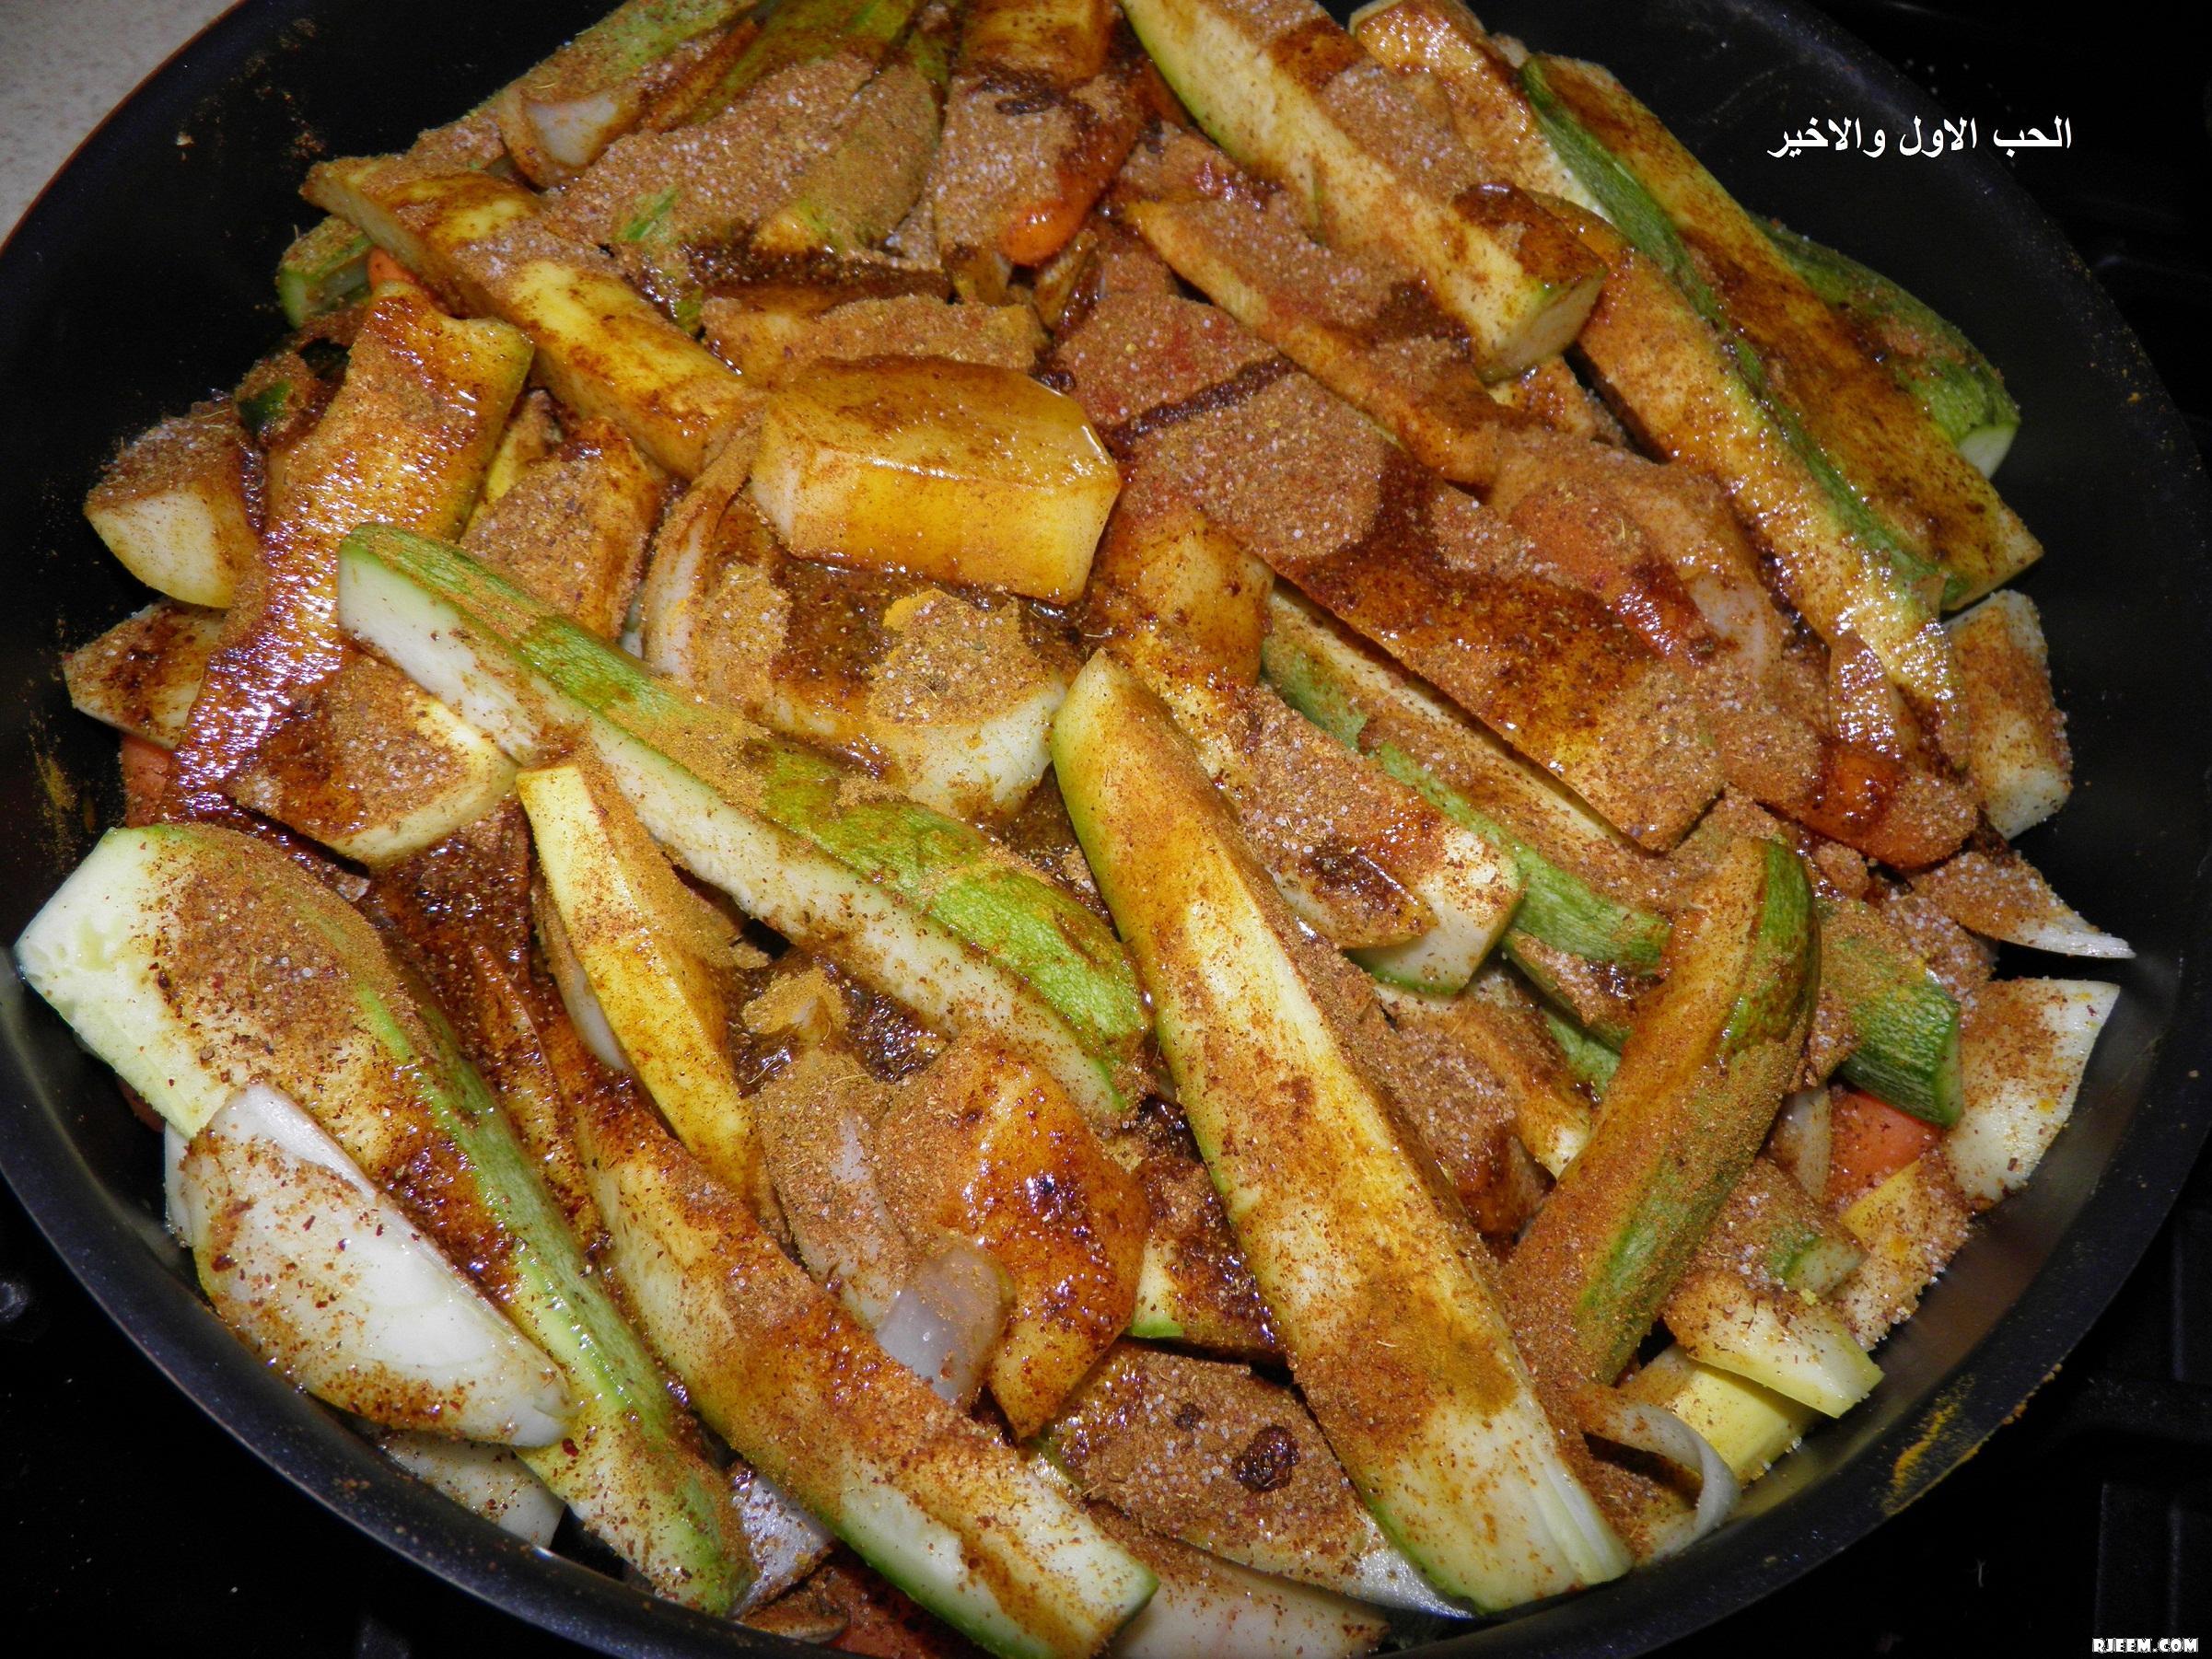 صينية الدجاج بالخضروات من مطبخي 13373264031.jpg